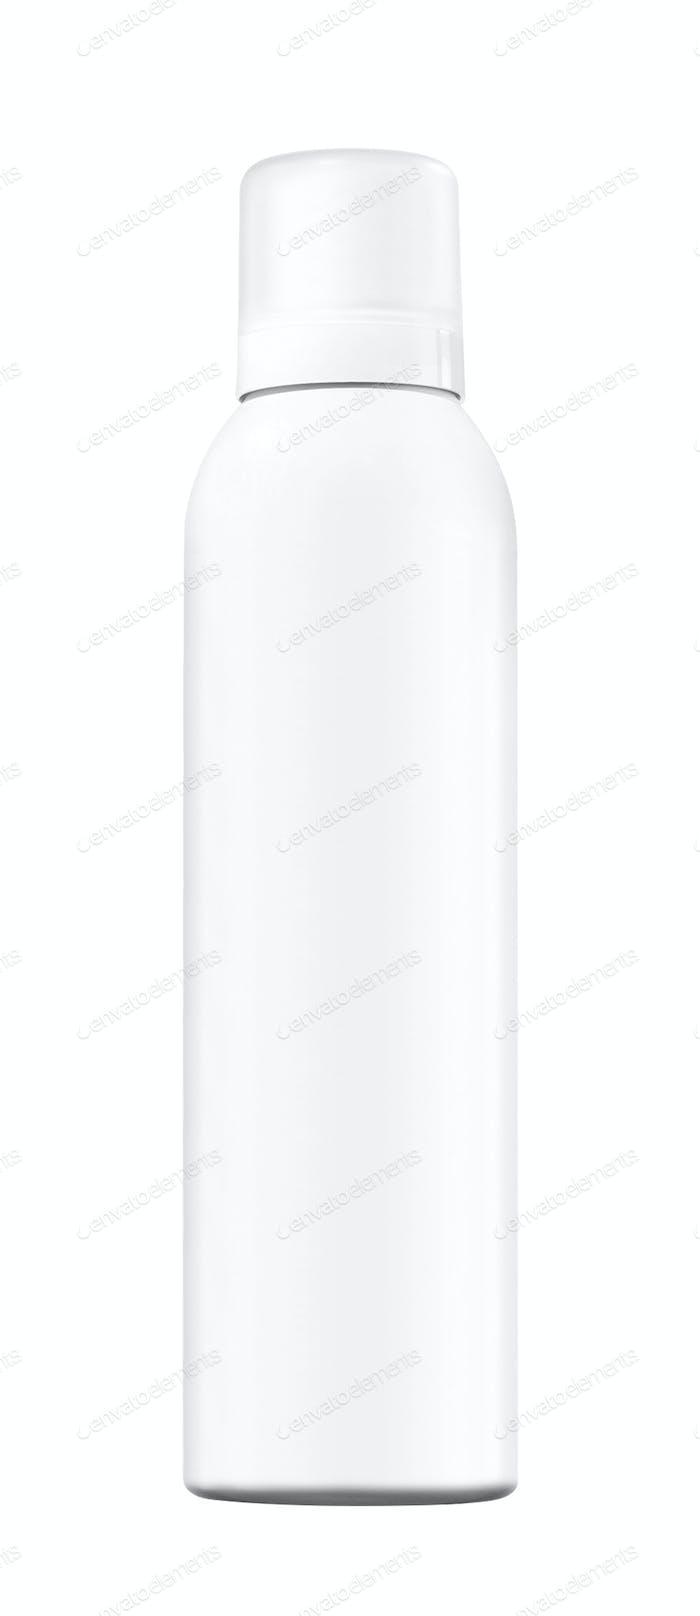 Shampoo, Gel isolated on white